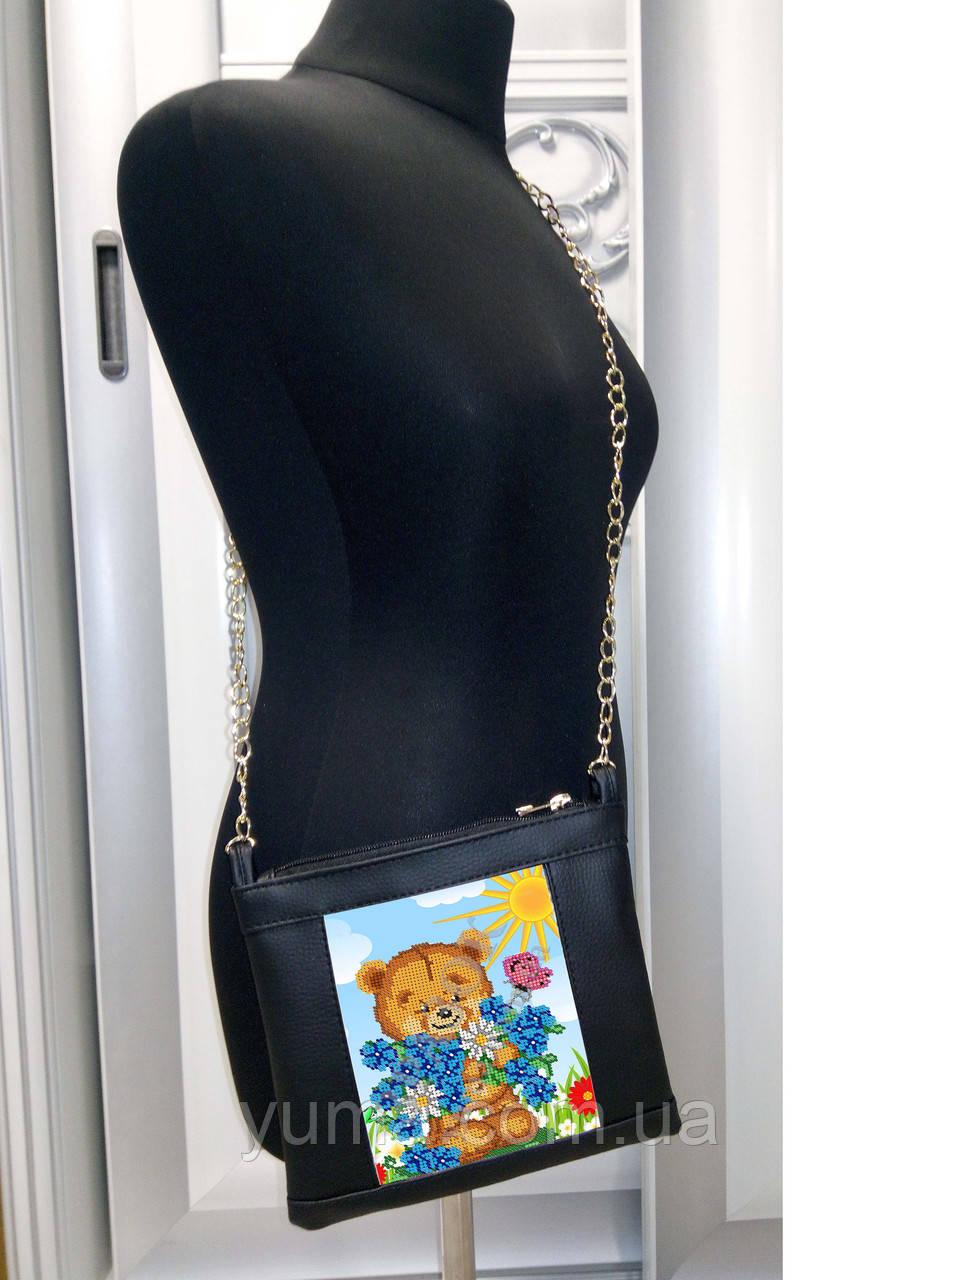 Сумочка детская  для вышивки бисером модель  Мия 10